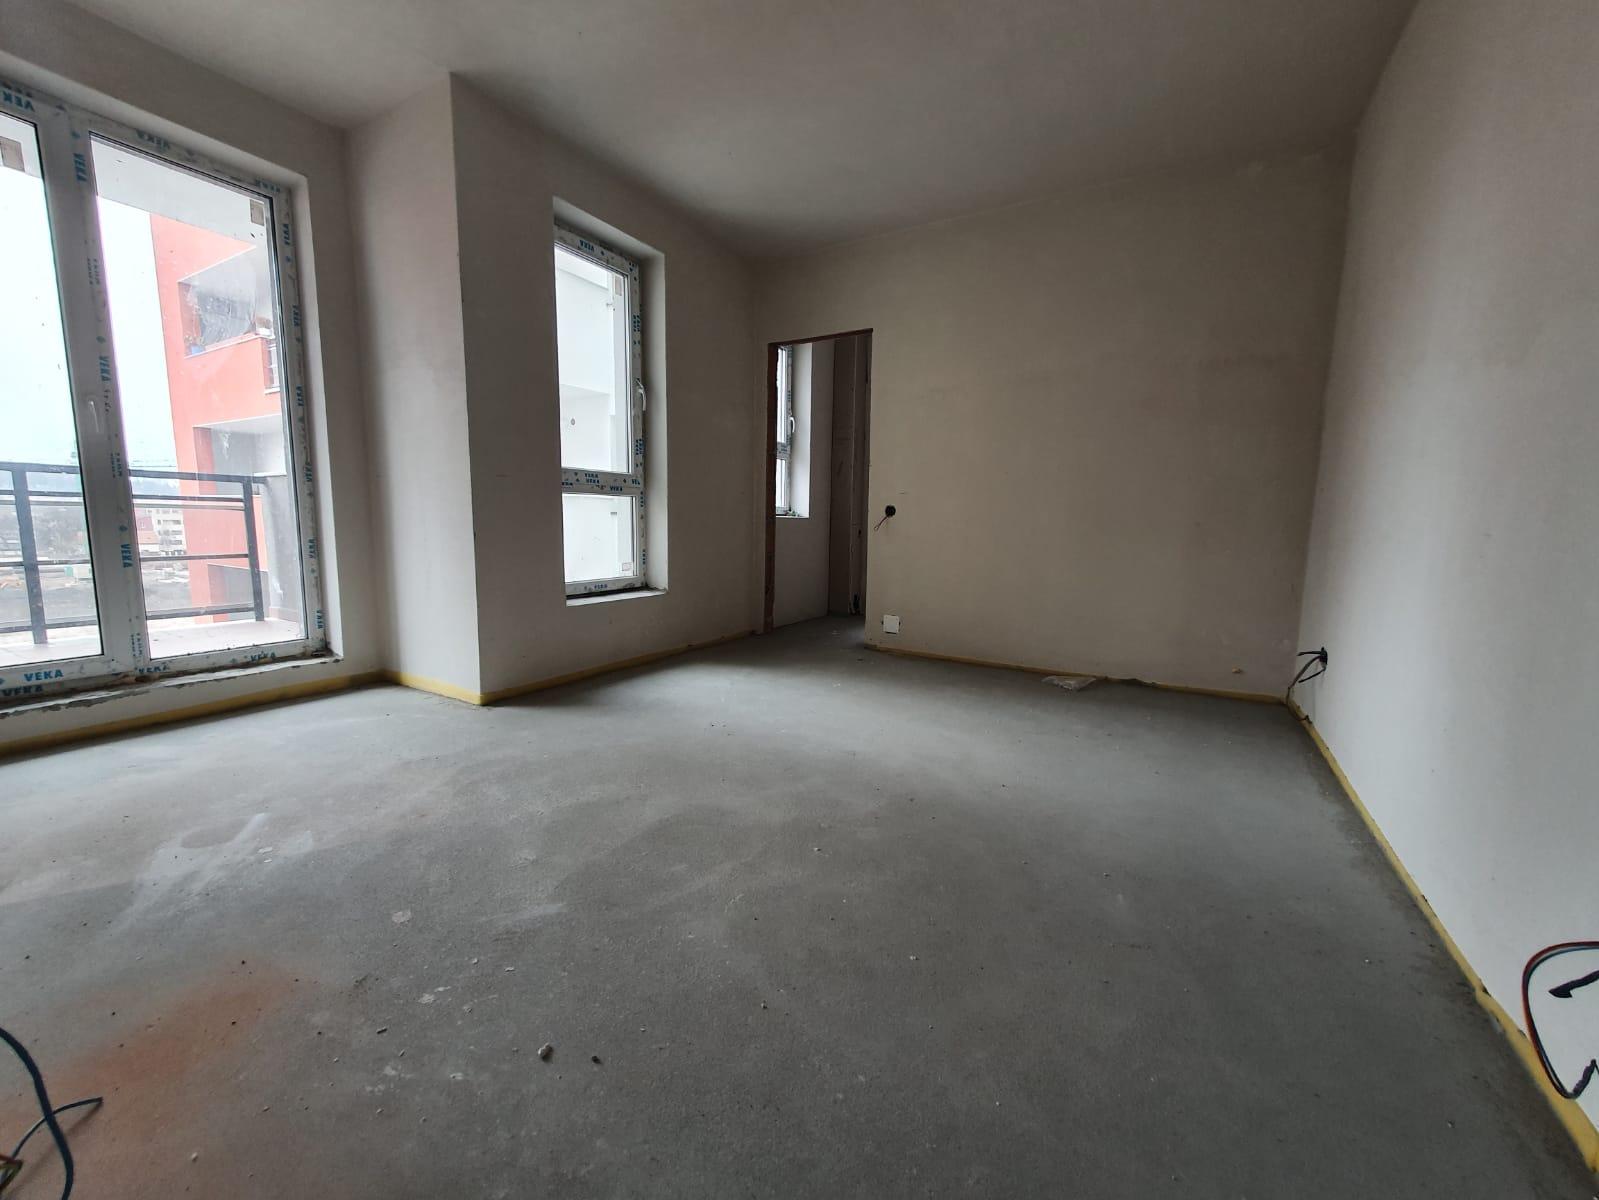 186265-Vanzare apartament  3 camere, Zona Semicentrala, Cluj-Napoca